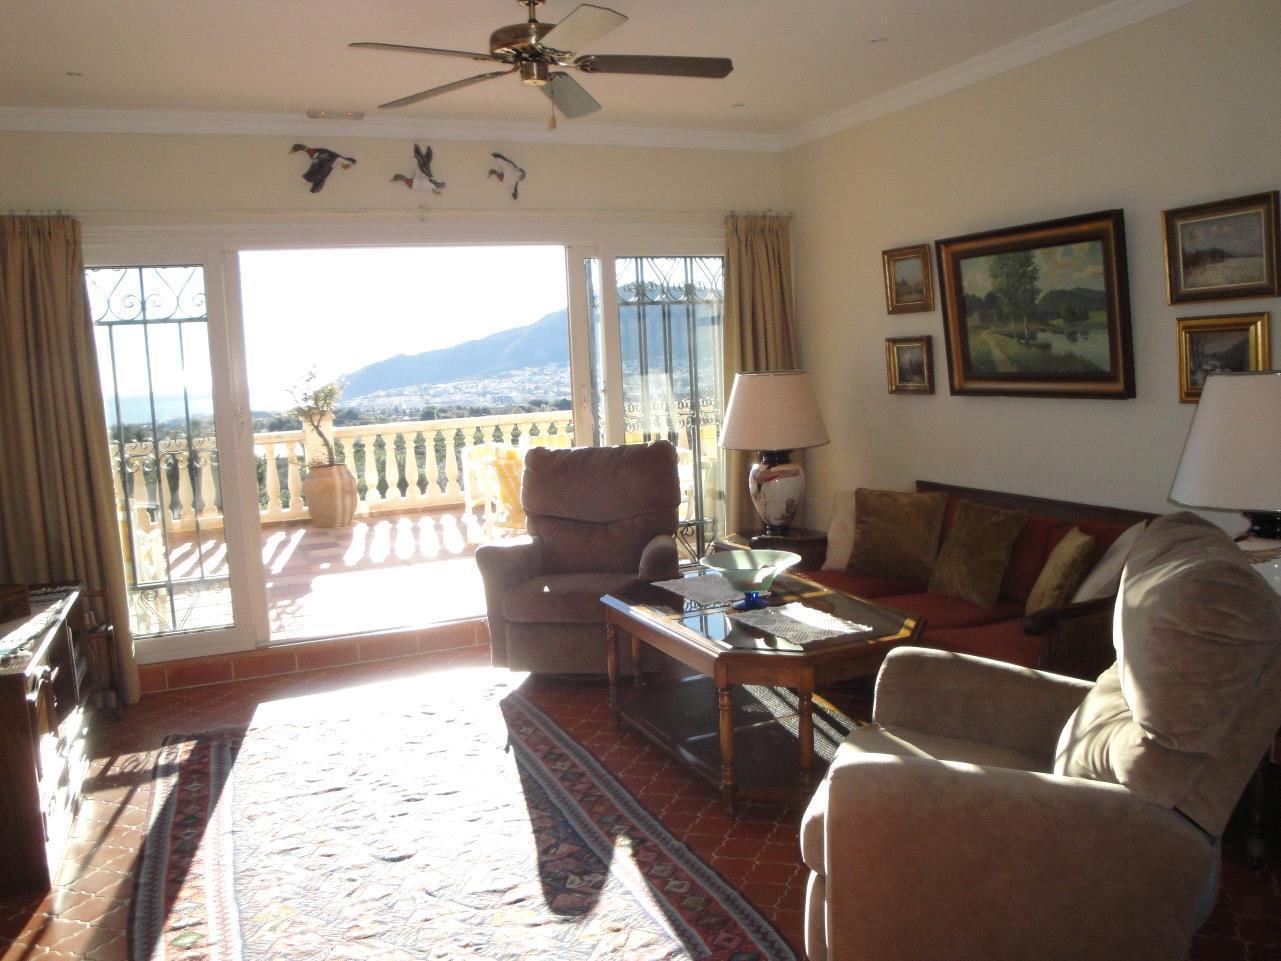 Chalet-hotel con vistas al mar en Alfaz del Pi